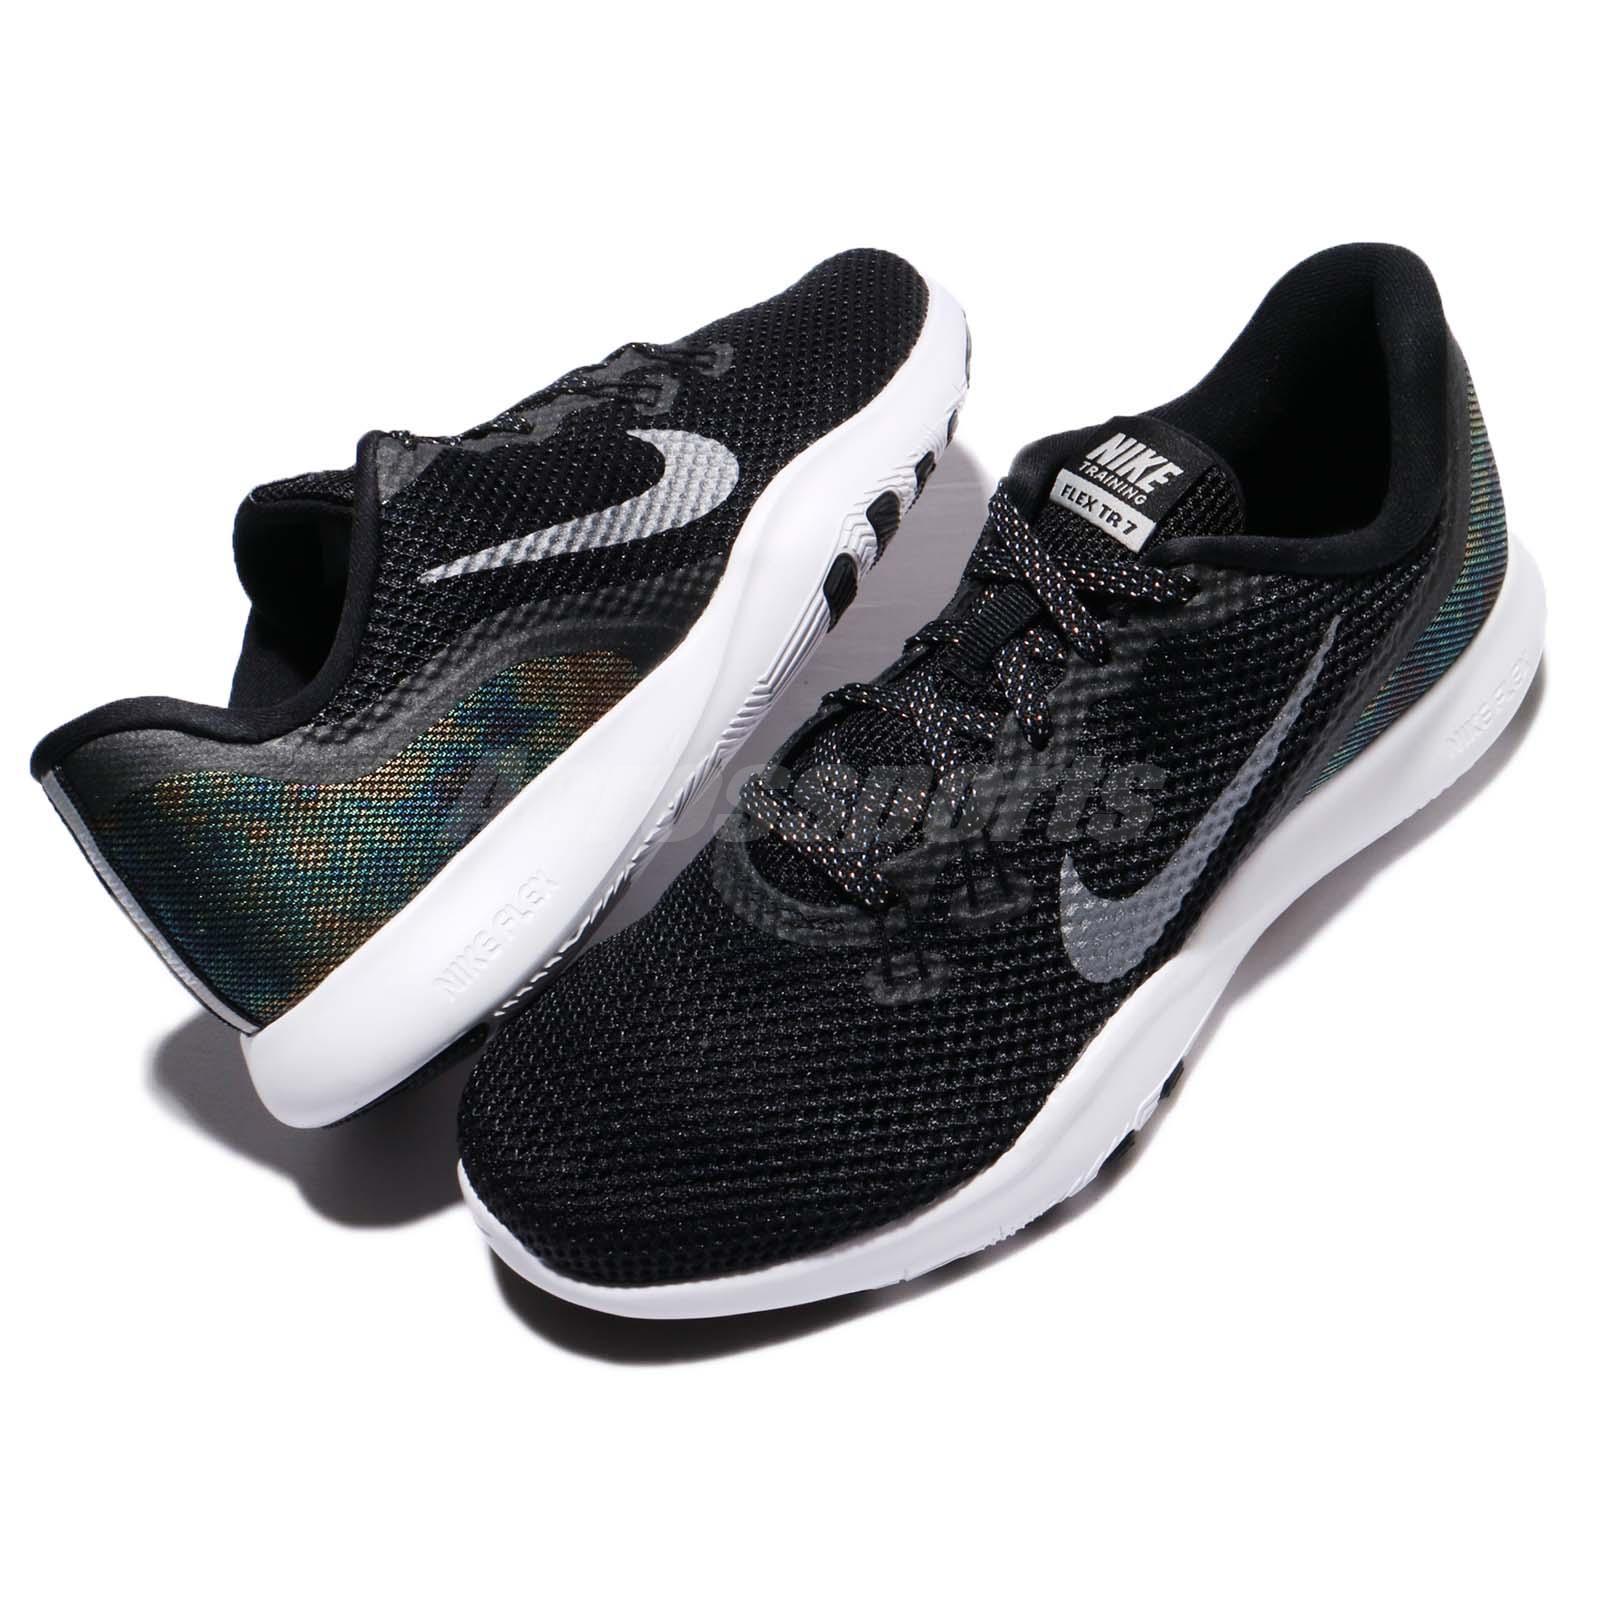 Nike Women s Flex Trainer 3 Black - Musée des impressionnismes Giverny c8b79530107a7